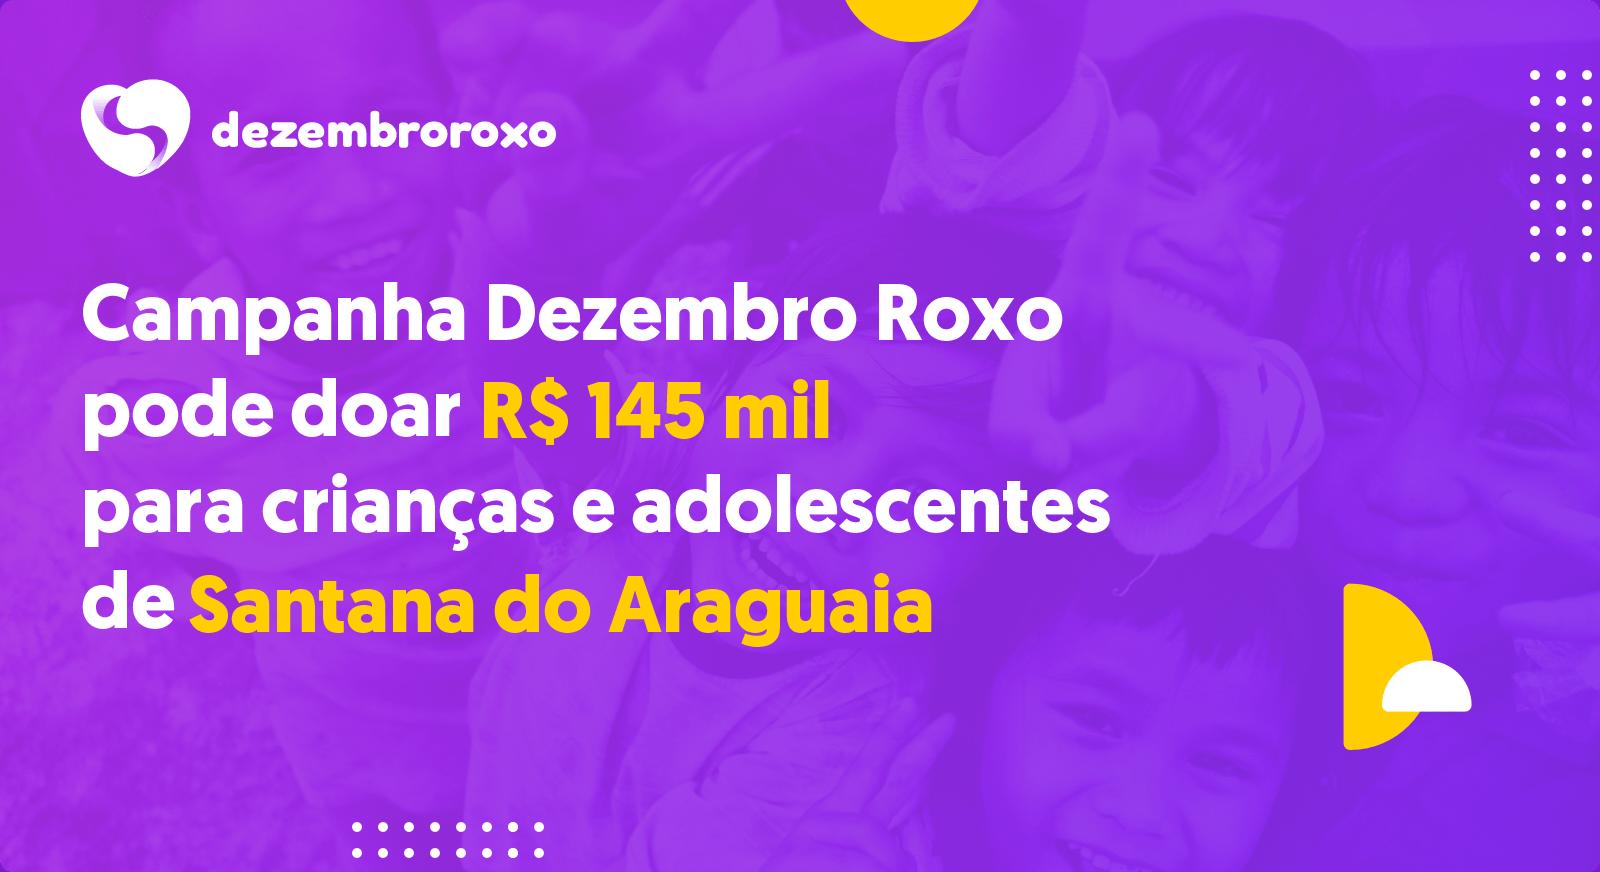 Doações em Santana do Araguaia - PA